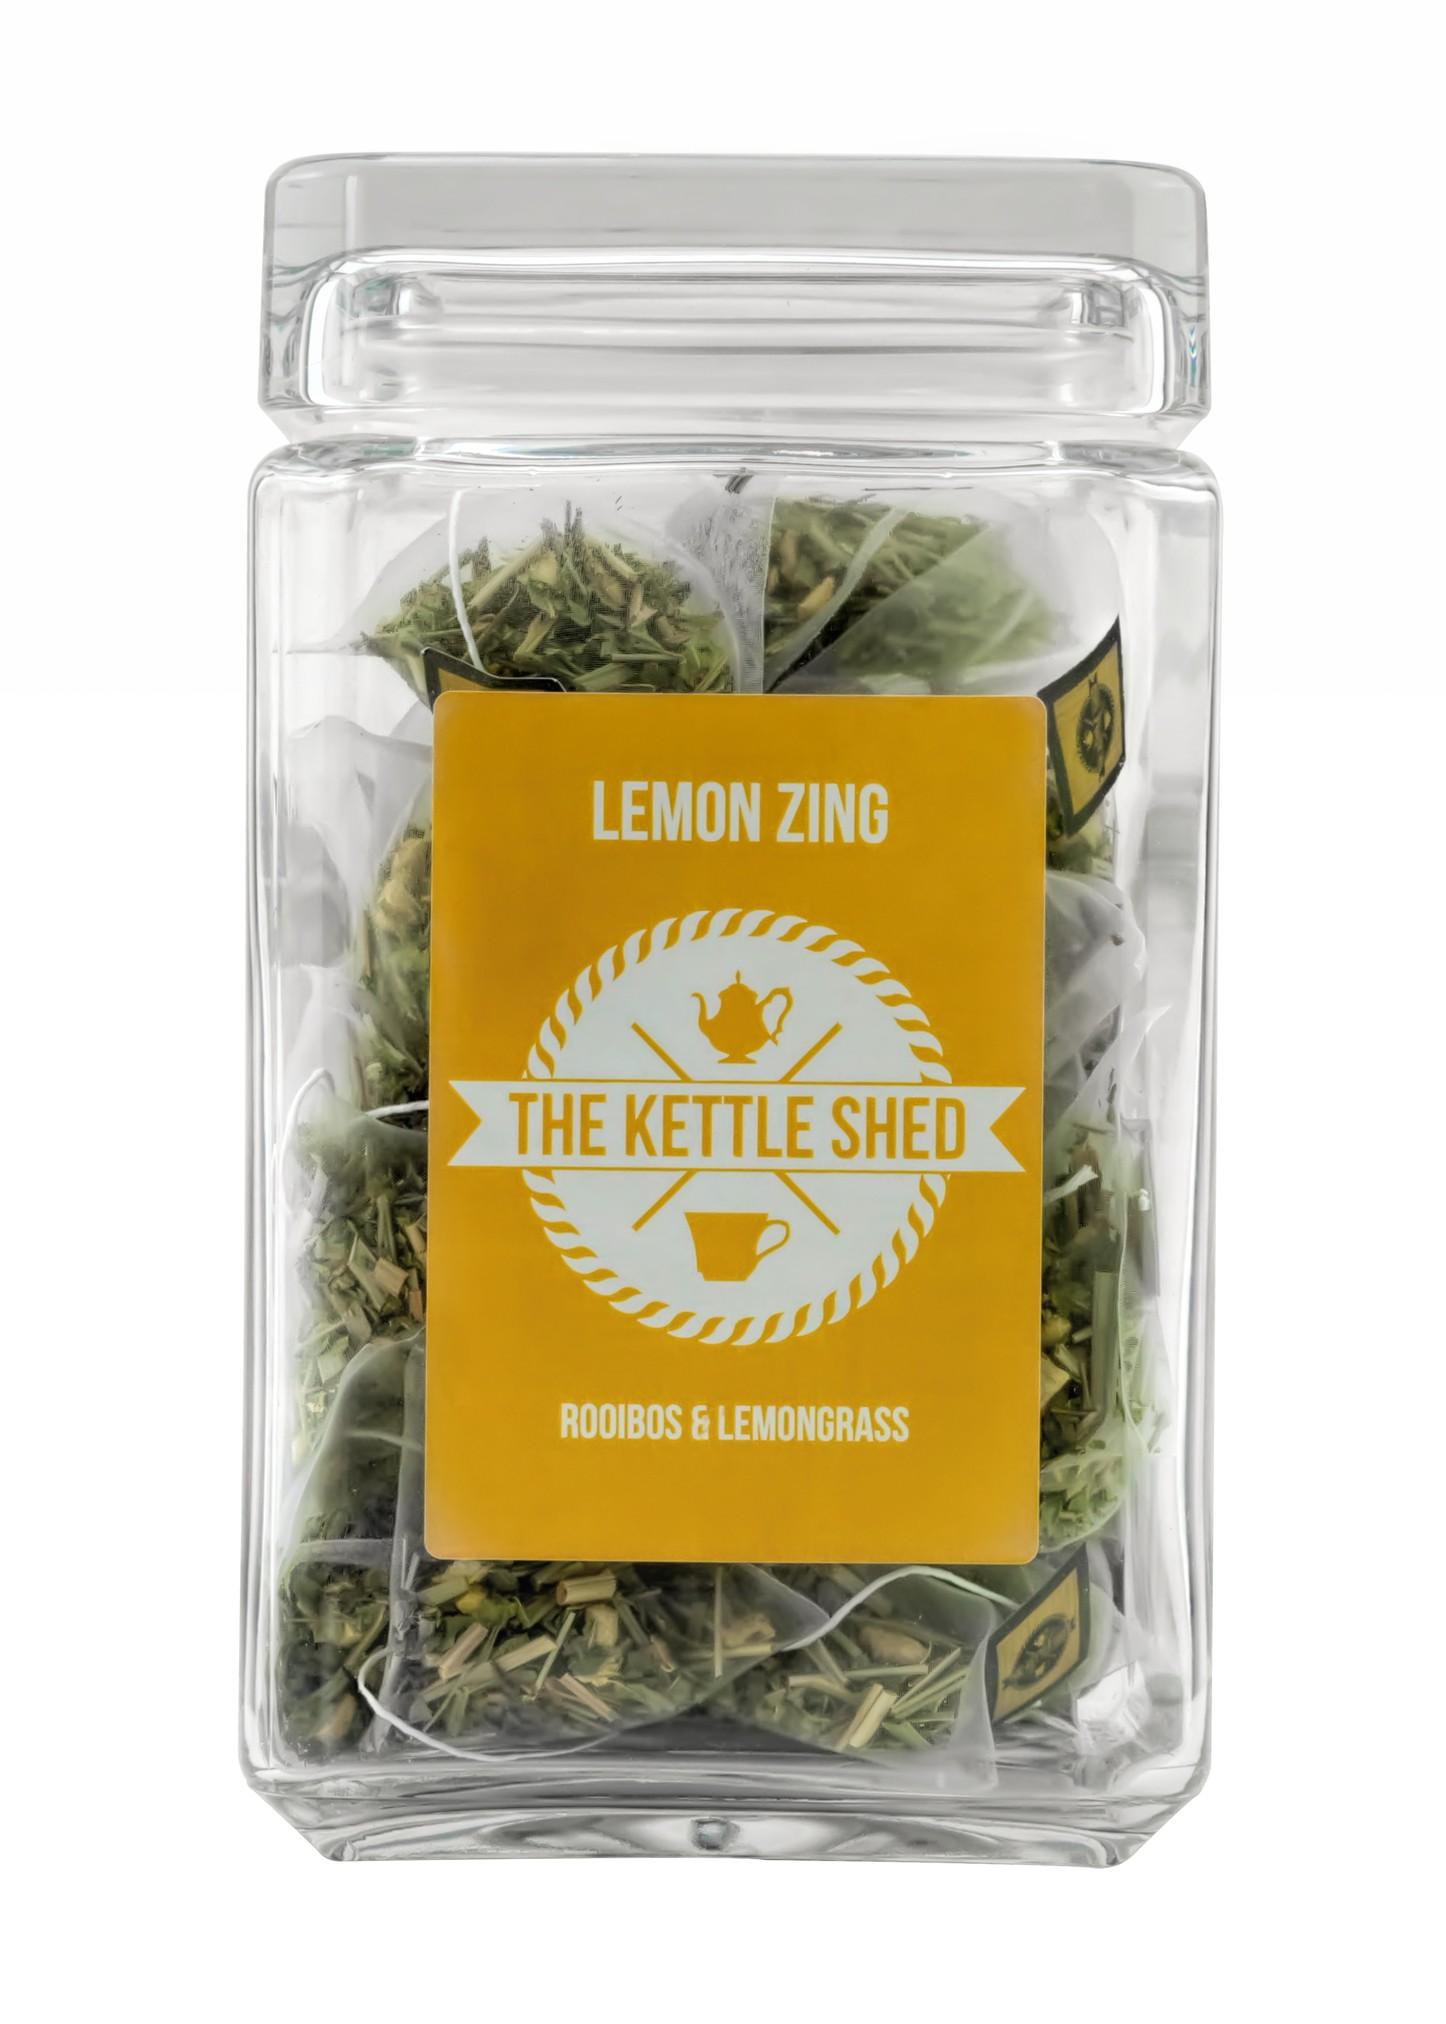 Lemon Zing - Glass Display Jar (without tea)